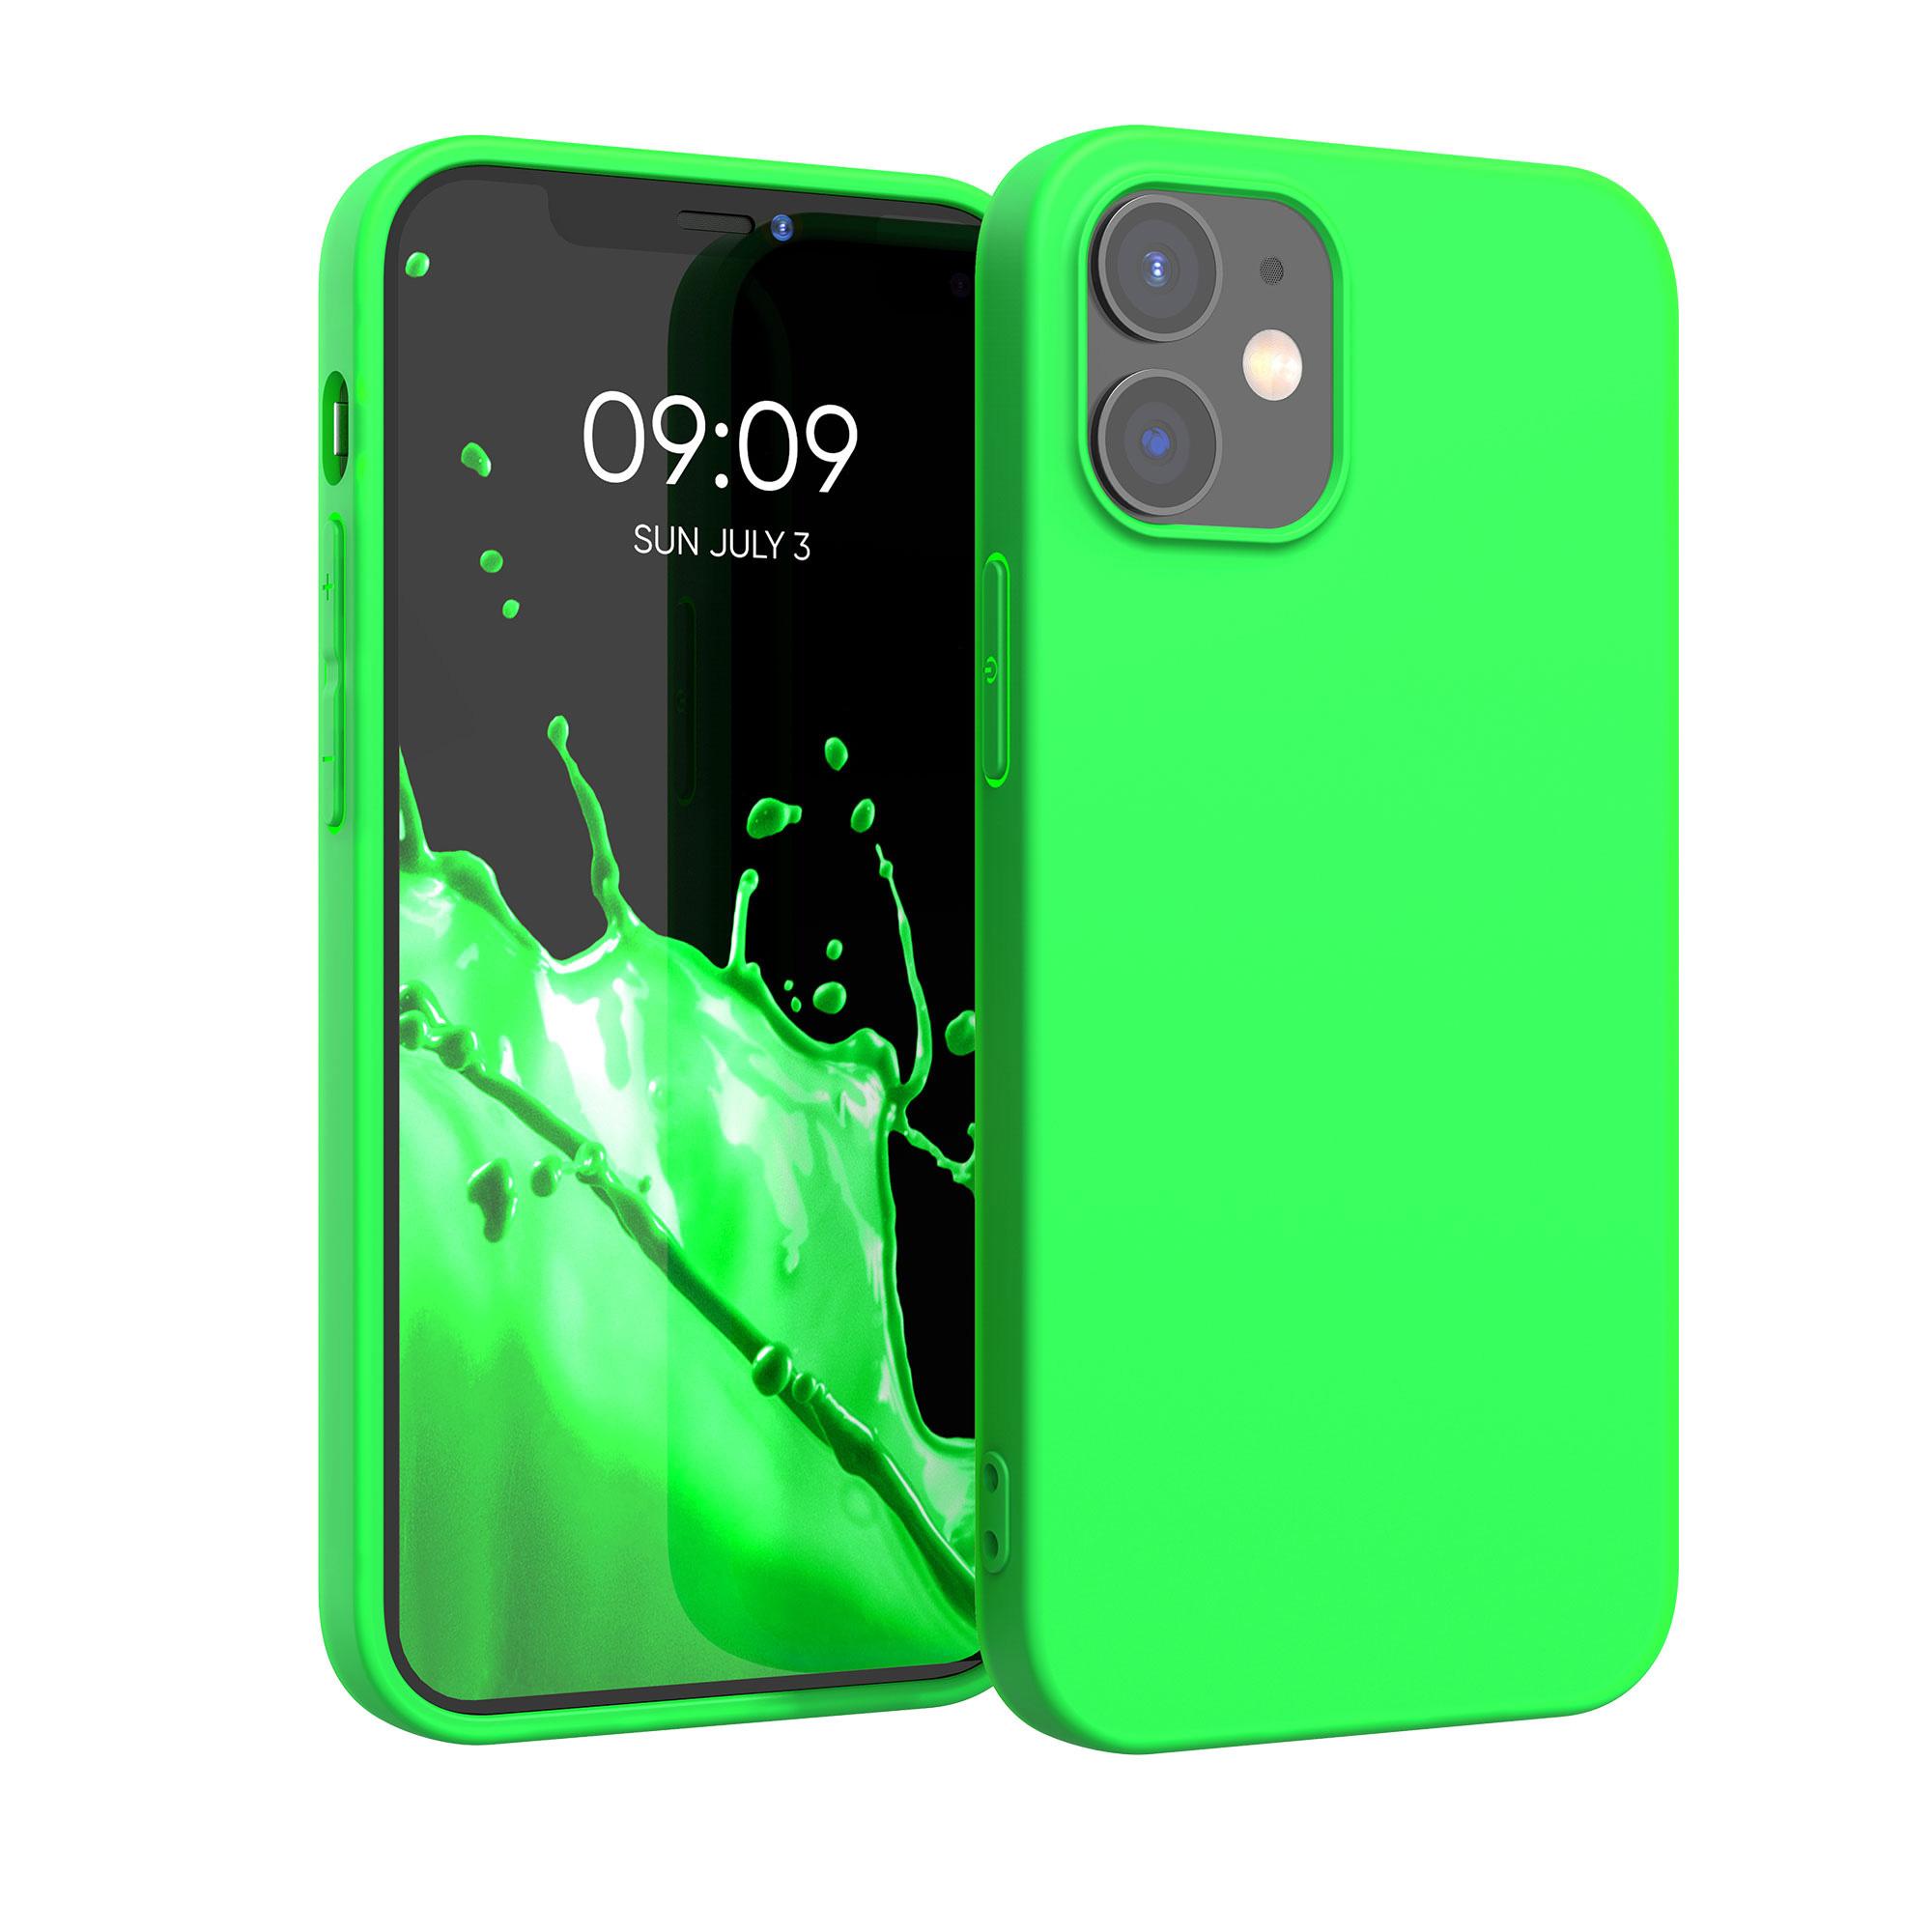 Kvalitní silikonové TPU pouzdro pro Apple iPhone 12 / 12 Pro - Neonově zelená